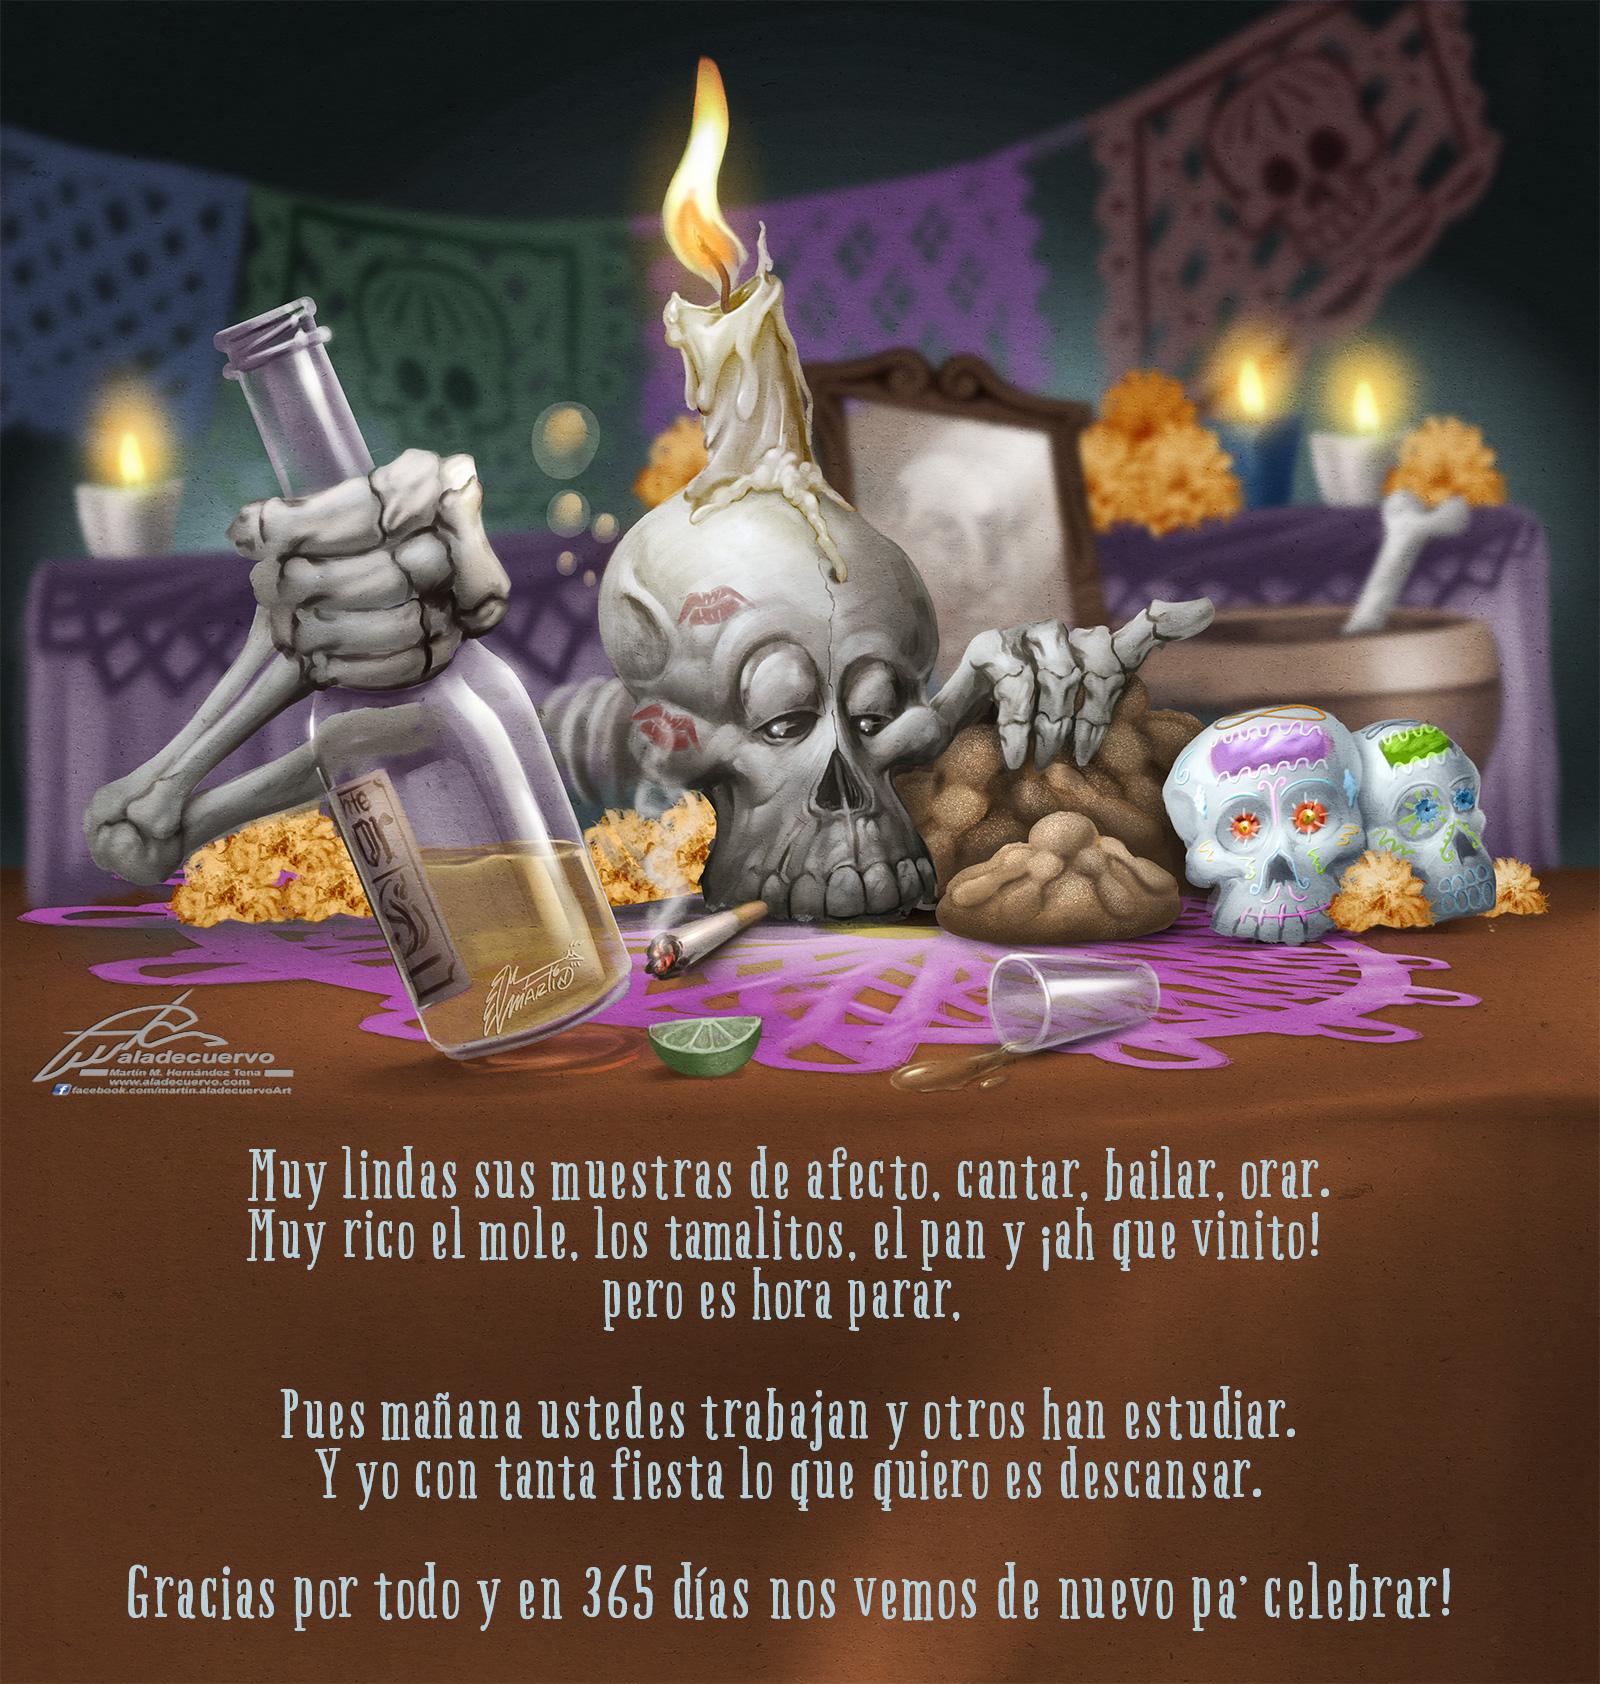 Adios Dia de Muertos